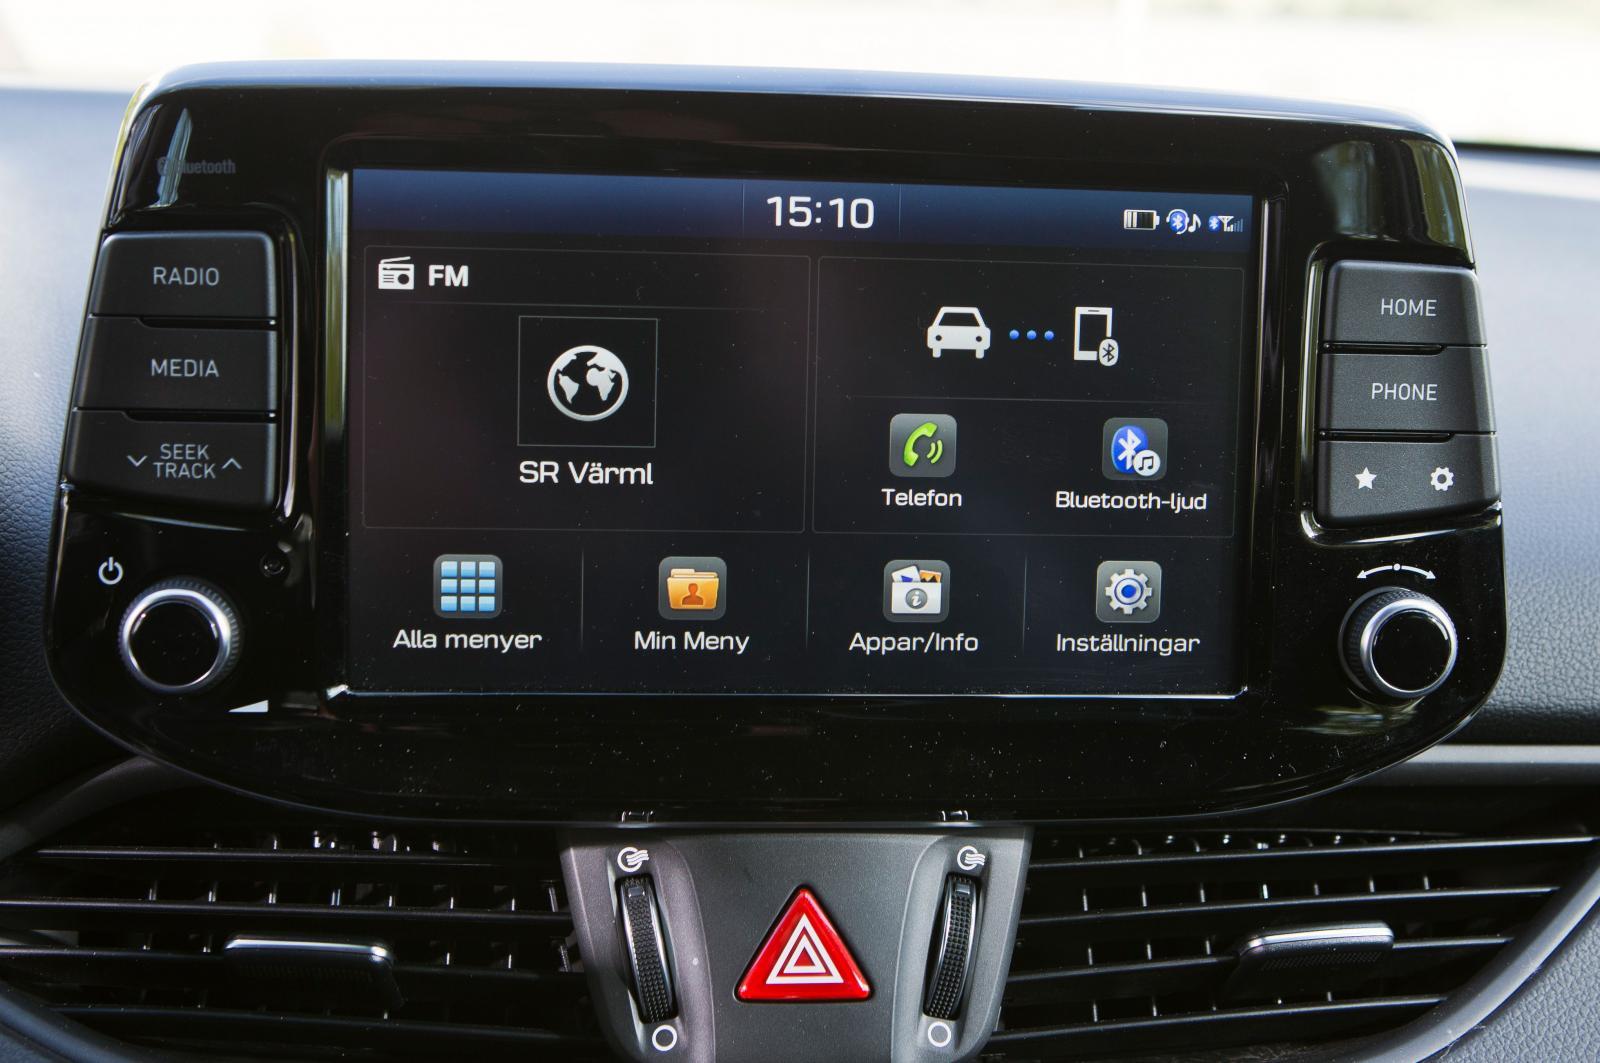 Hyundai:  Fristående skärm, omgiven av rejäla tryckknappar och vred som tillsammans med pekfunktionerna gör det lätt att ställa in efter önskemål.